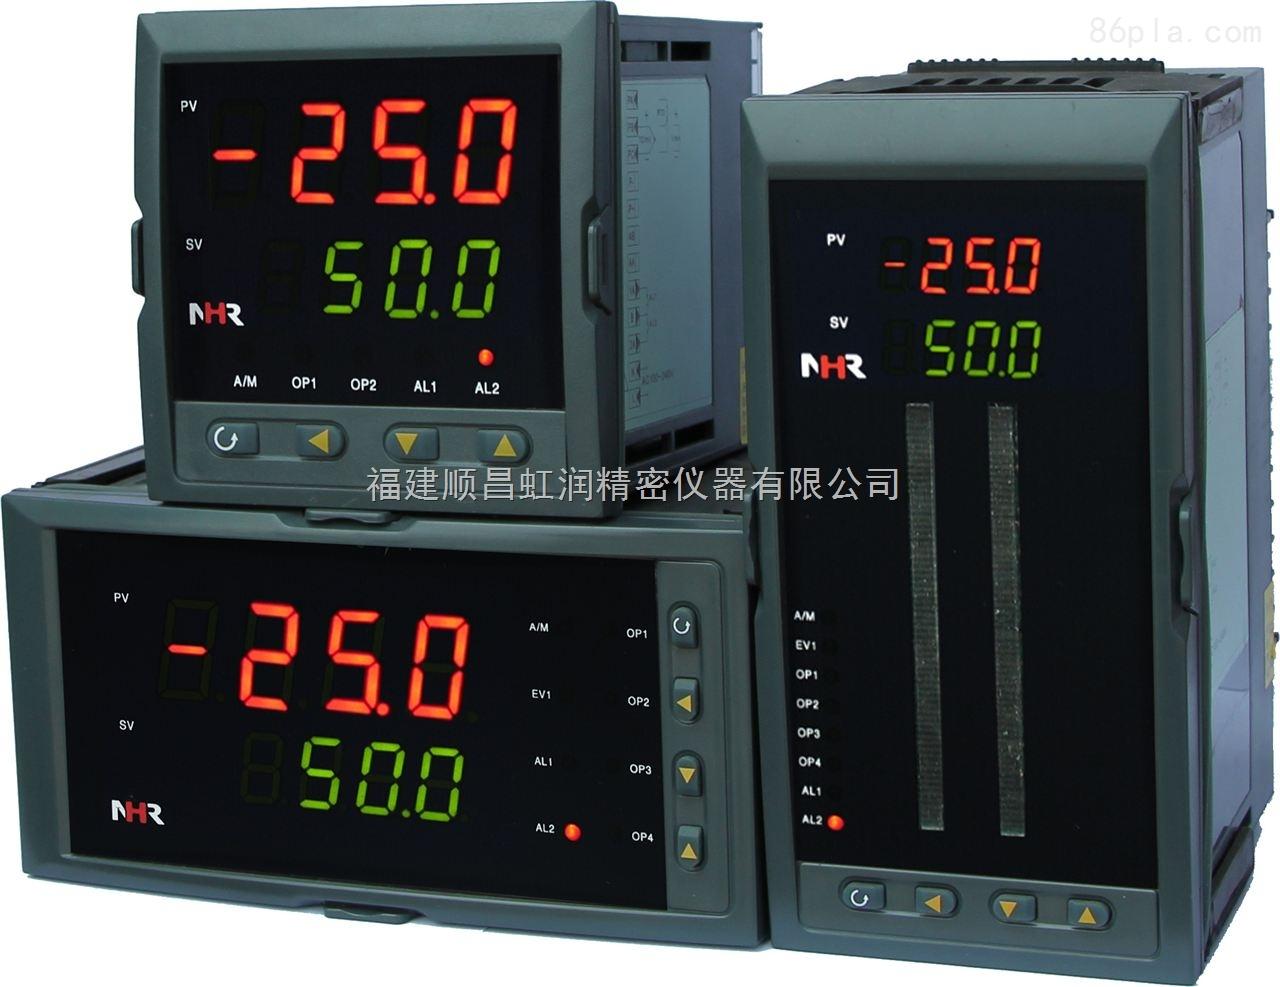 虹润NHR-5500系列系列手动操作器